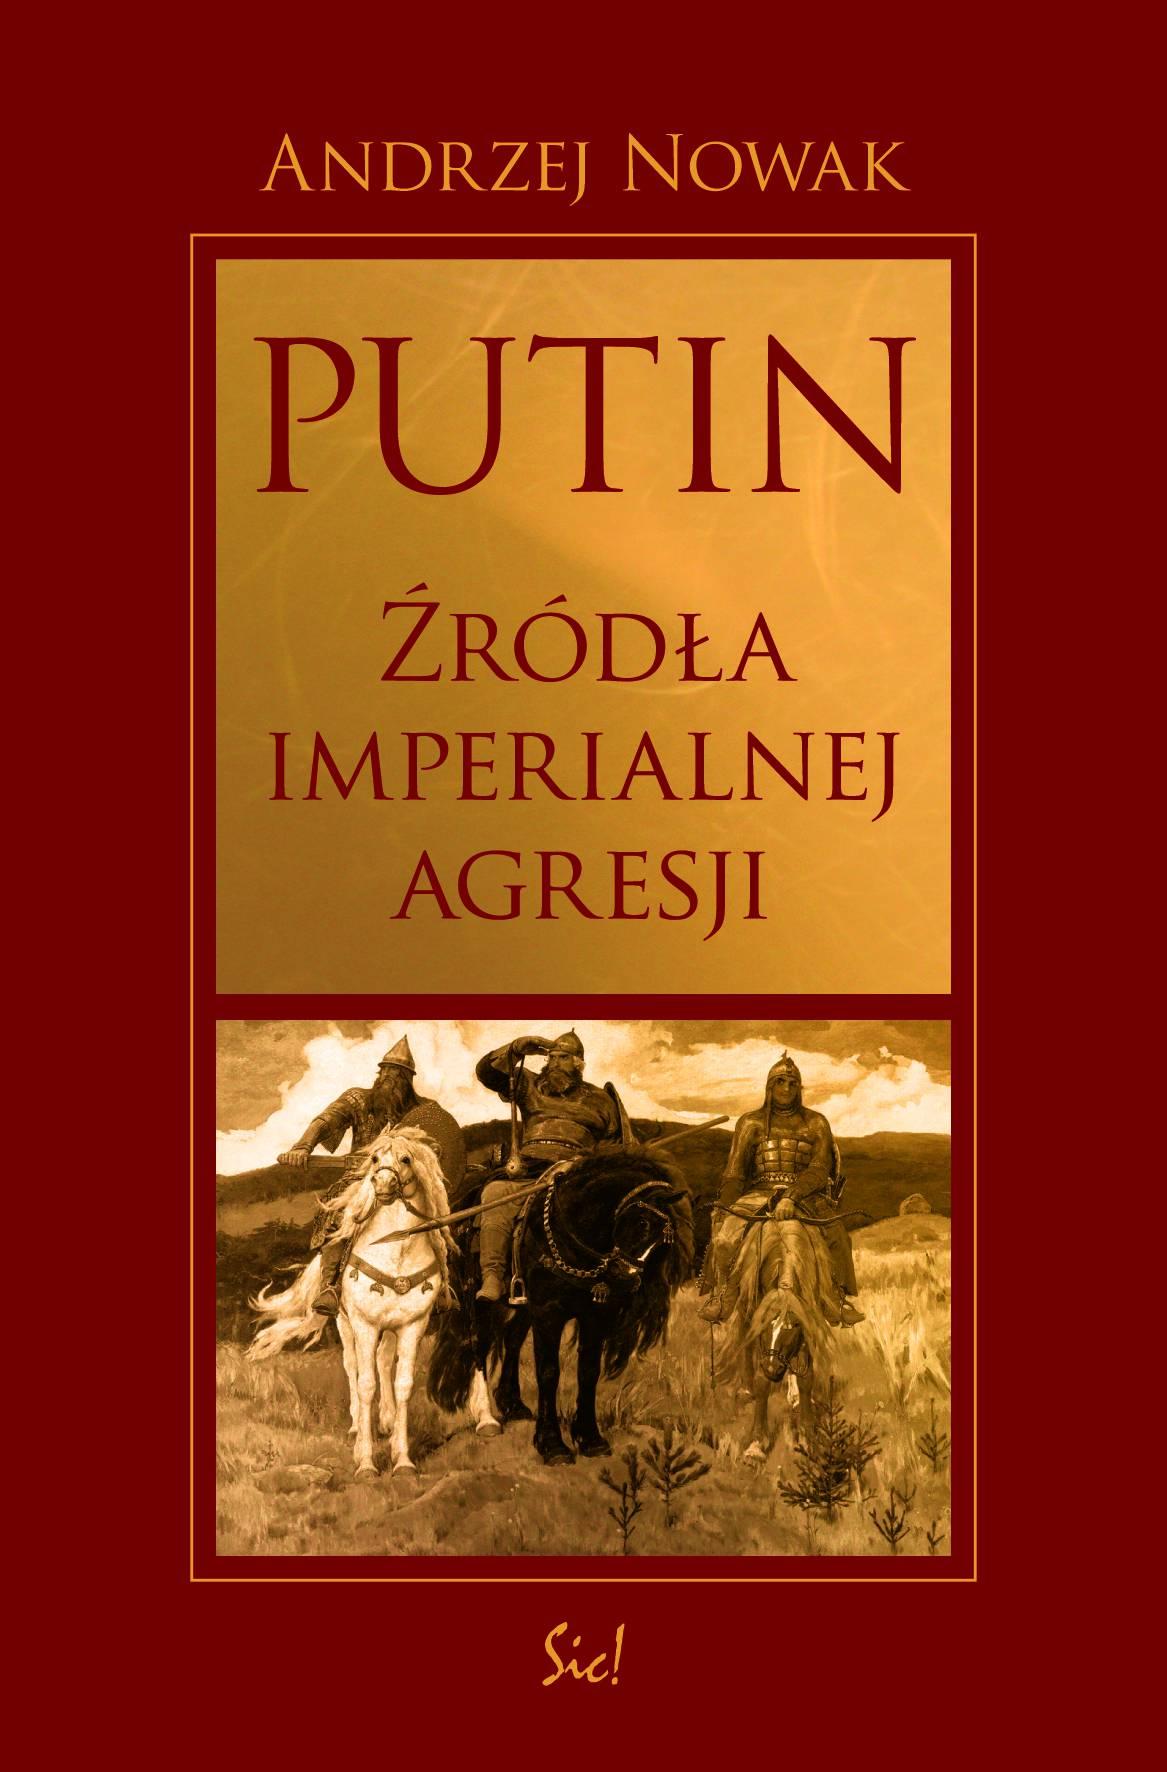 Putin. Źródła imperialnej agresji - Ebook (Książka EPUB) do pobrania w formacie EPUB